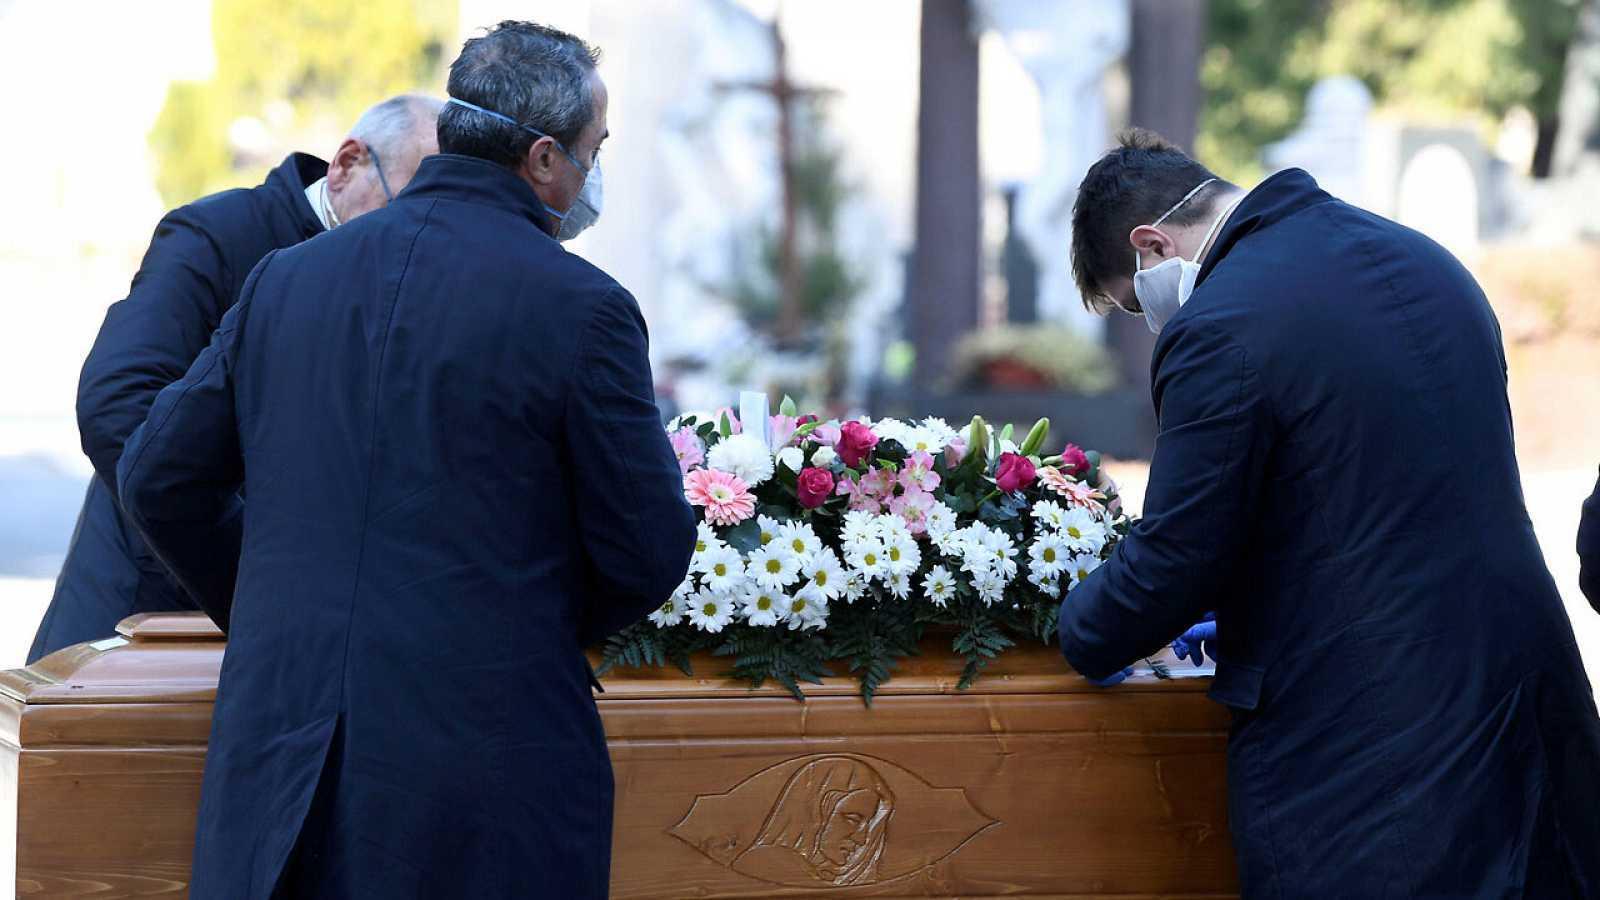 Seremi de Salud Biobío llama a respetar medidas en próximos funerales